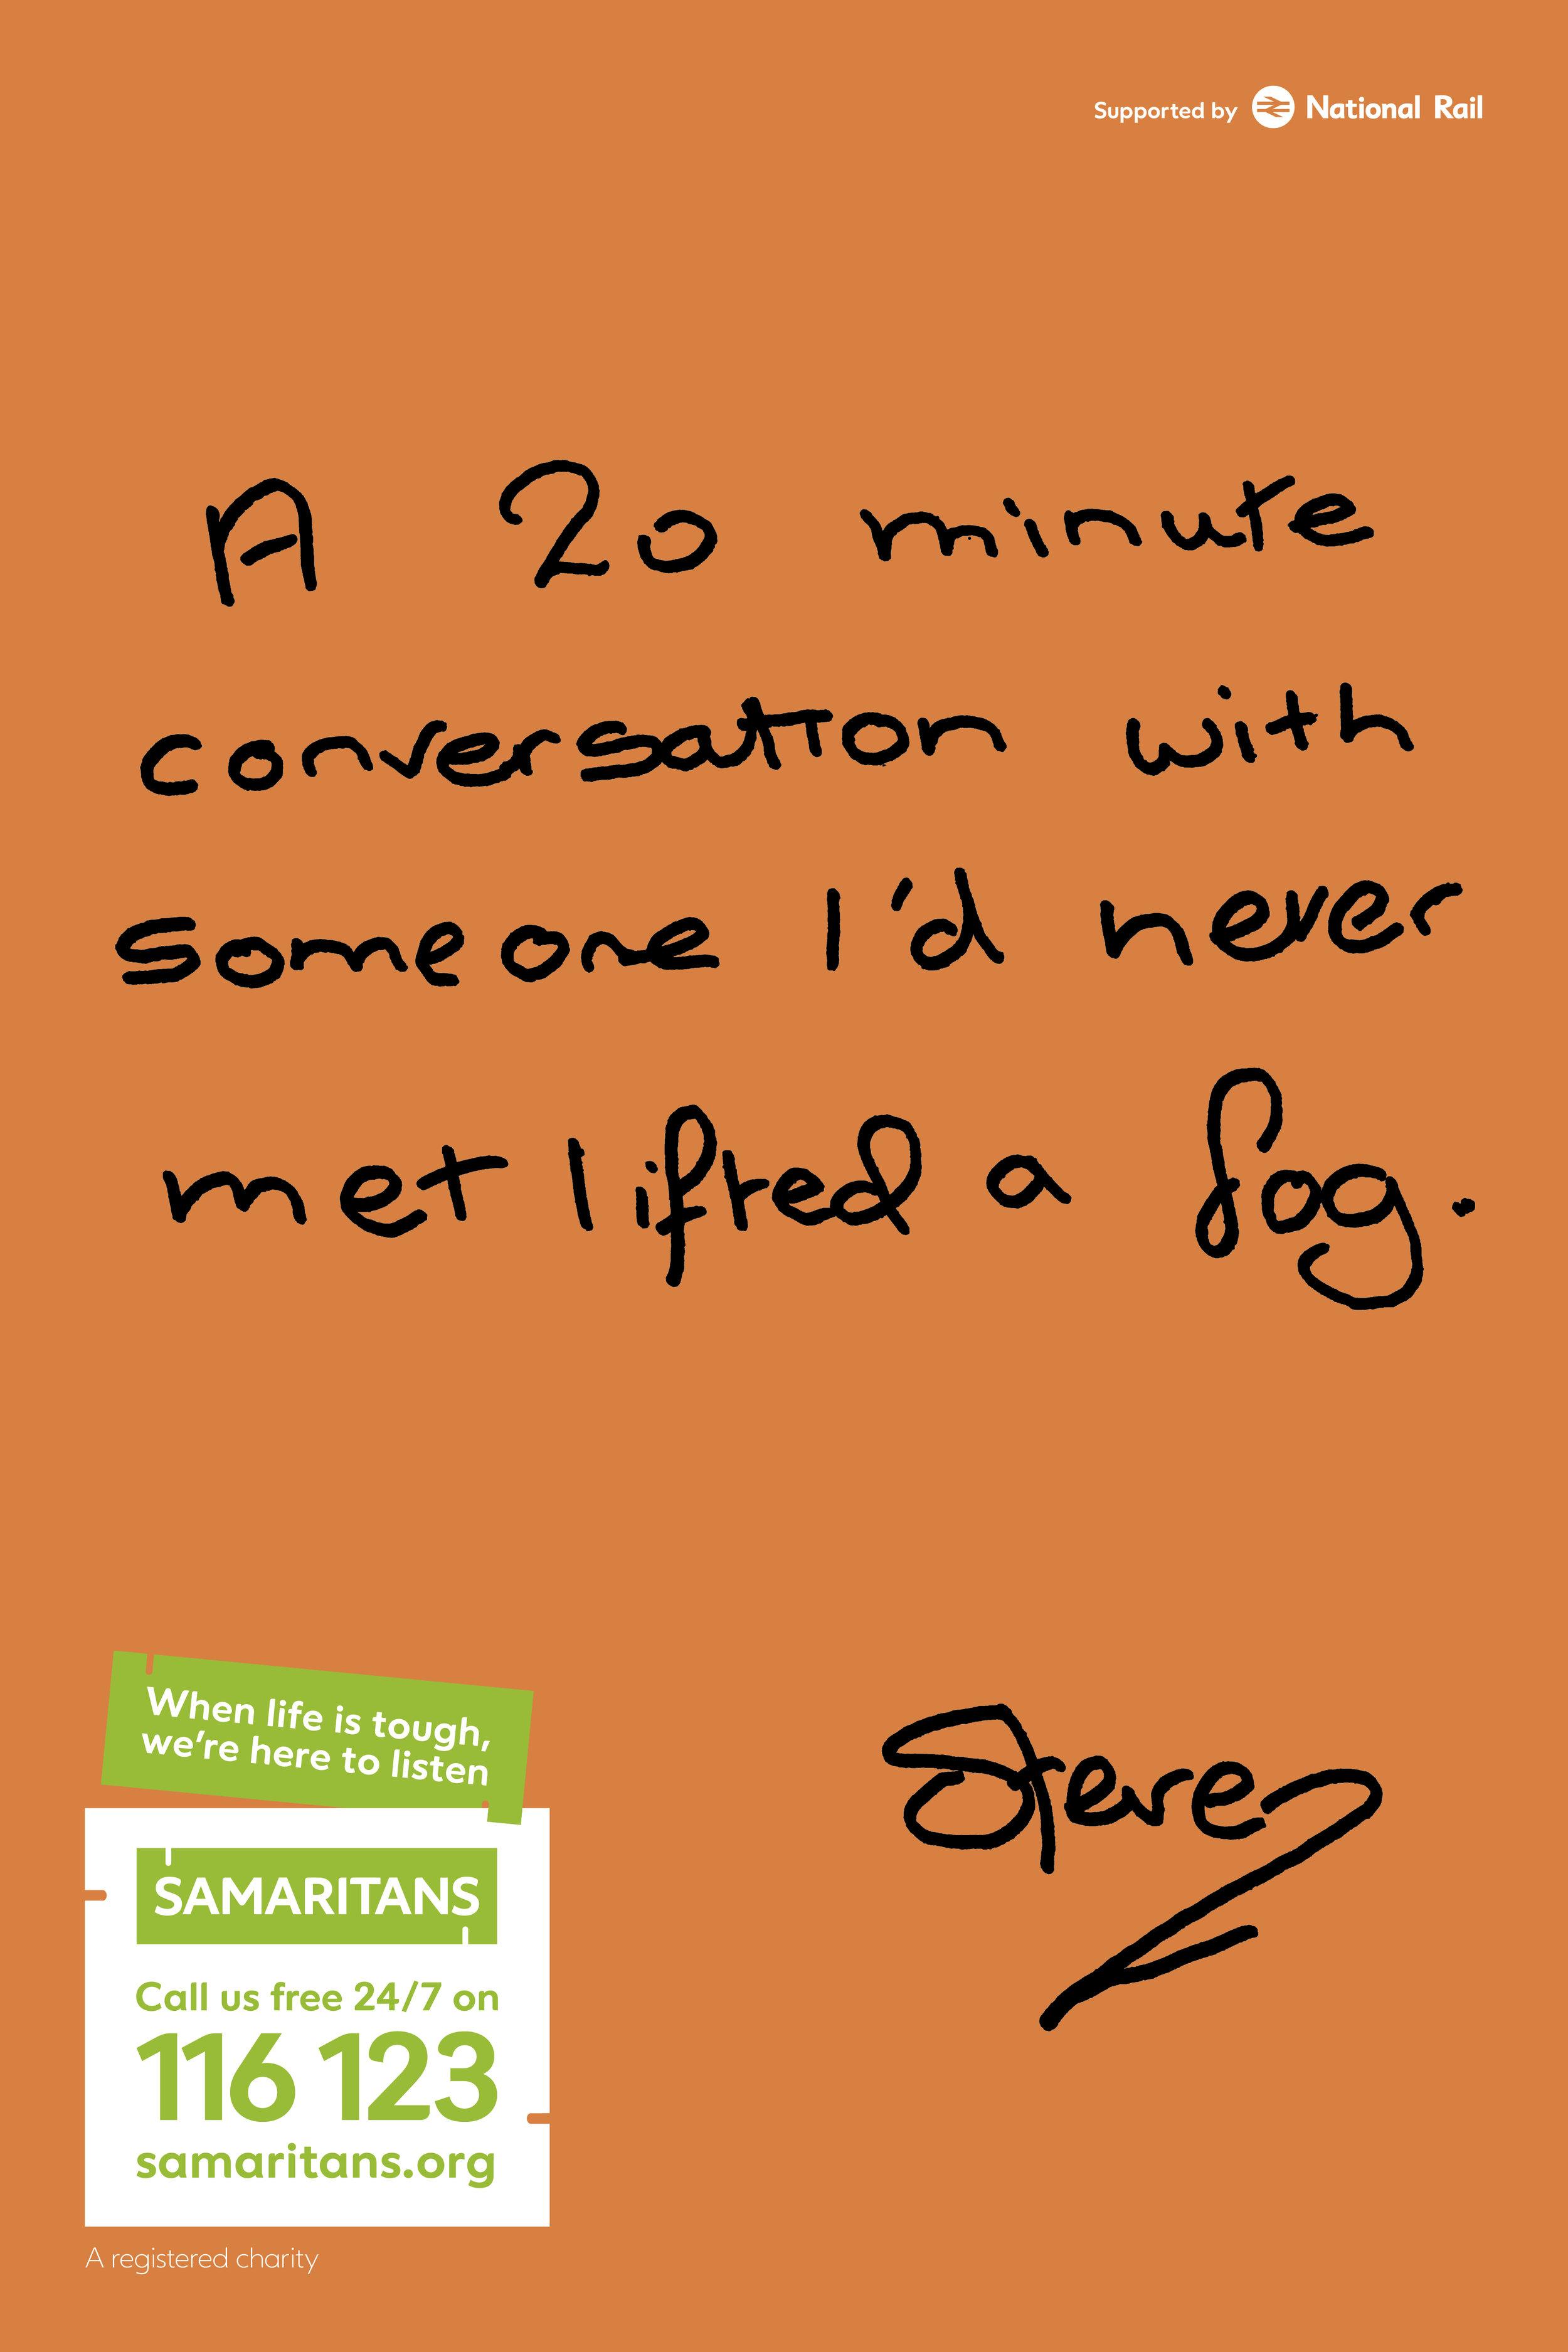 9. SAMARITANS Steve2.jpg